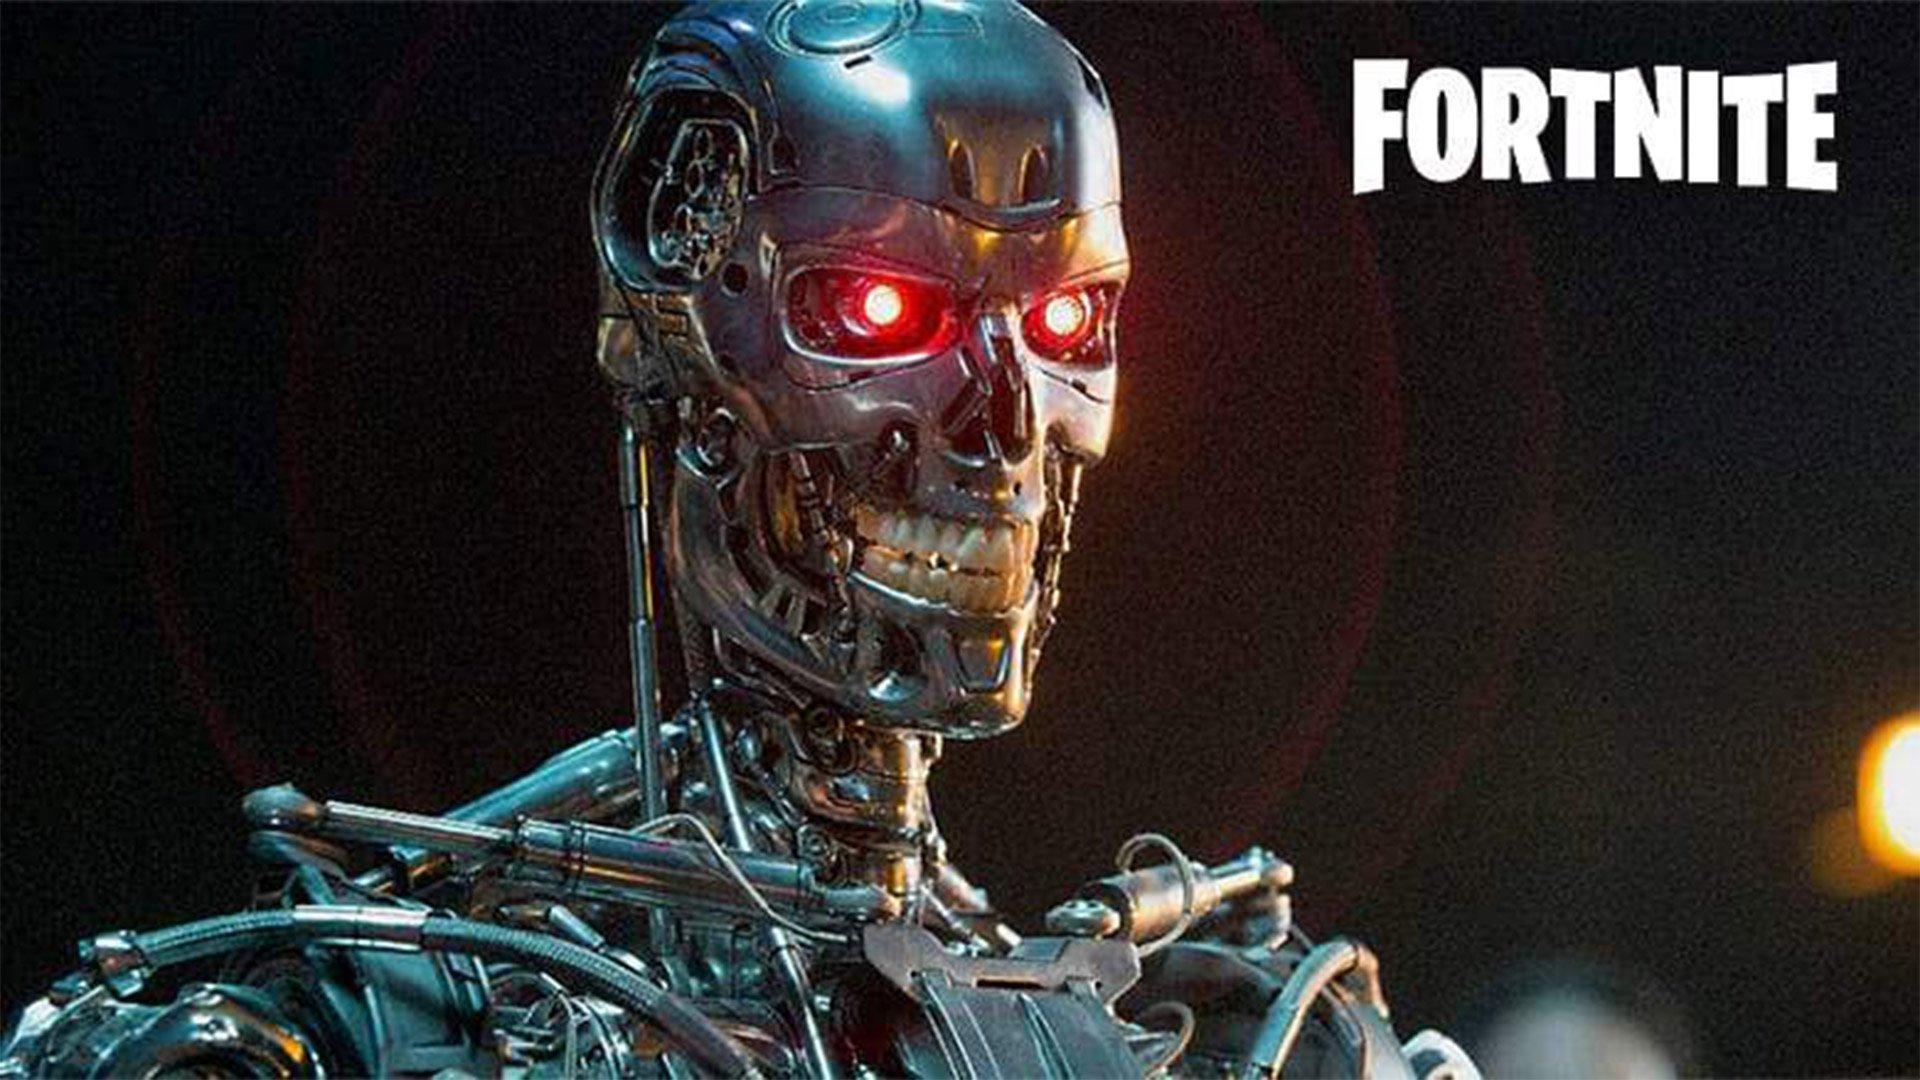 اسکینهای ربات T-800و سارا کانر از دنیای ترمیناتور به Fortnite اضافه شدند